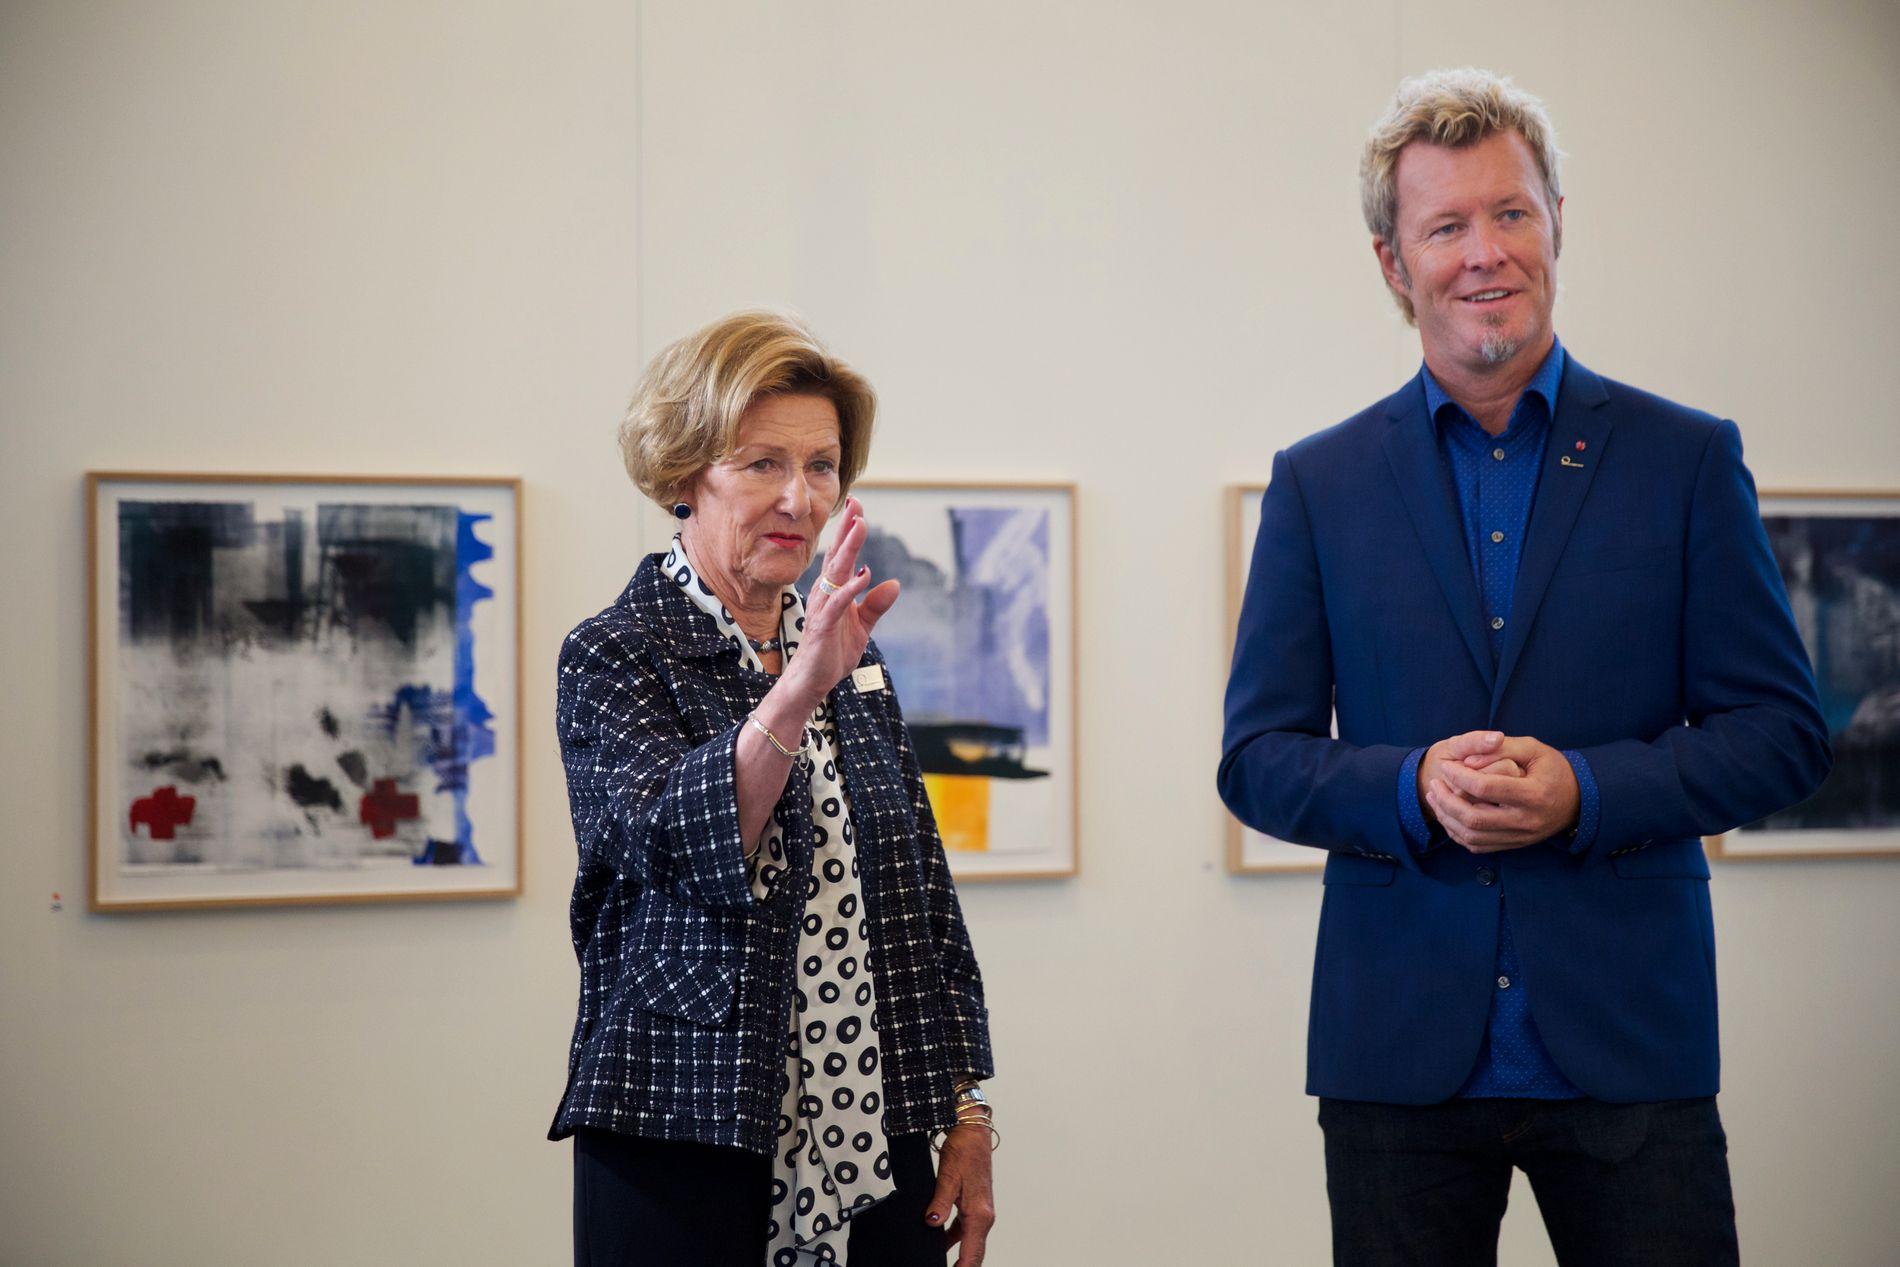 UTSTILLING: Dronning Sonja og Magne Furuholmen avbildet da de åpnet en felles kunstutstilling i Grieghallen i august 2016. Furuholmen er også styreleder i Festspillene, som har innlemmet dronningens nye utstilling i sitt program.